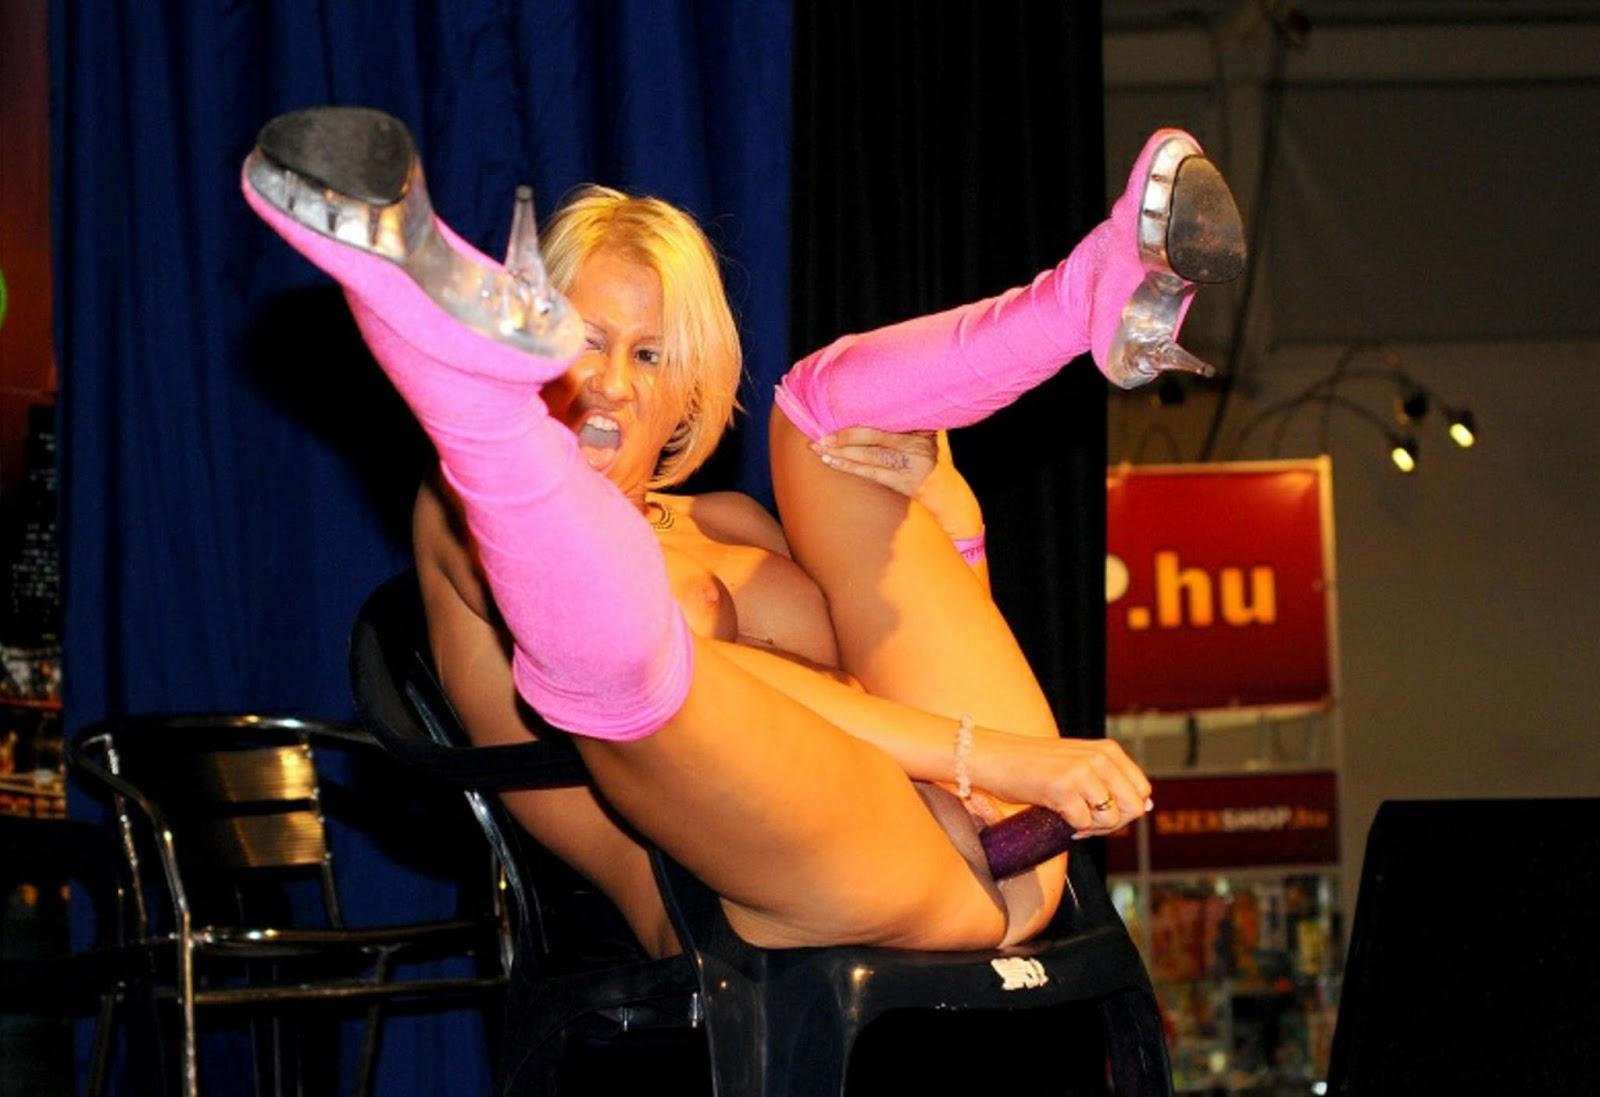 erotik på film massage uppsala